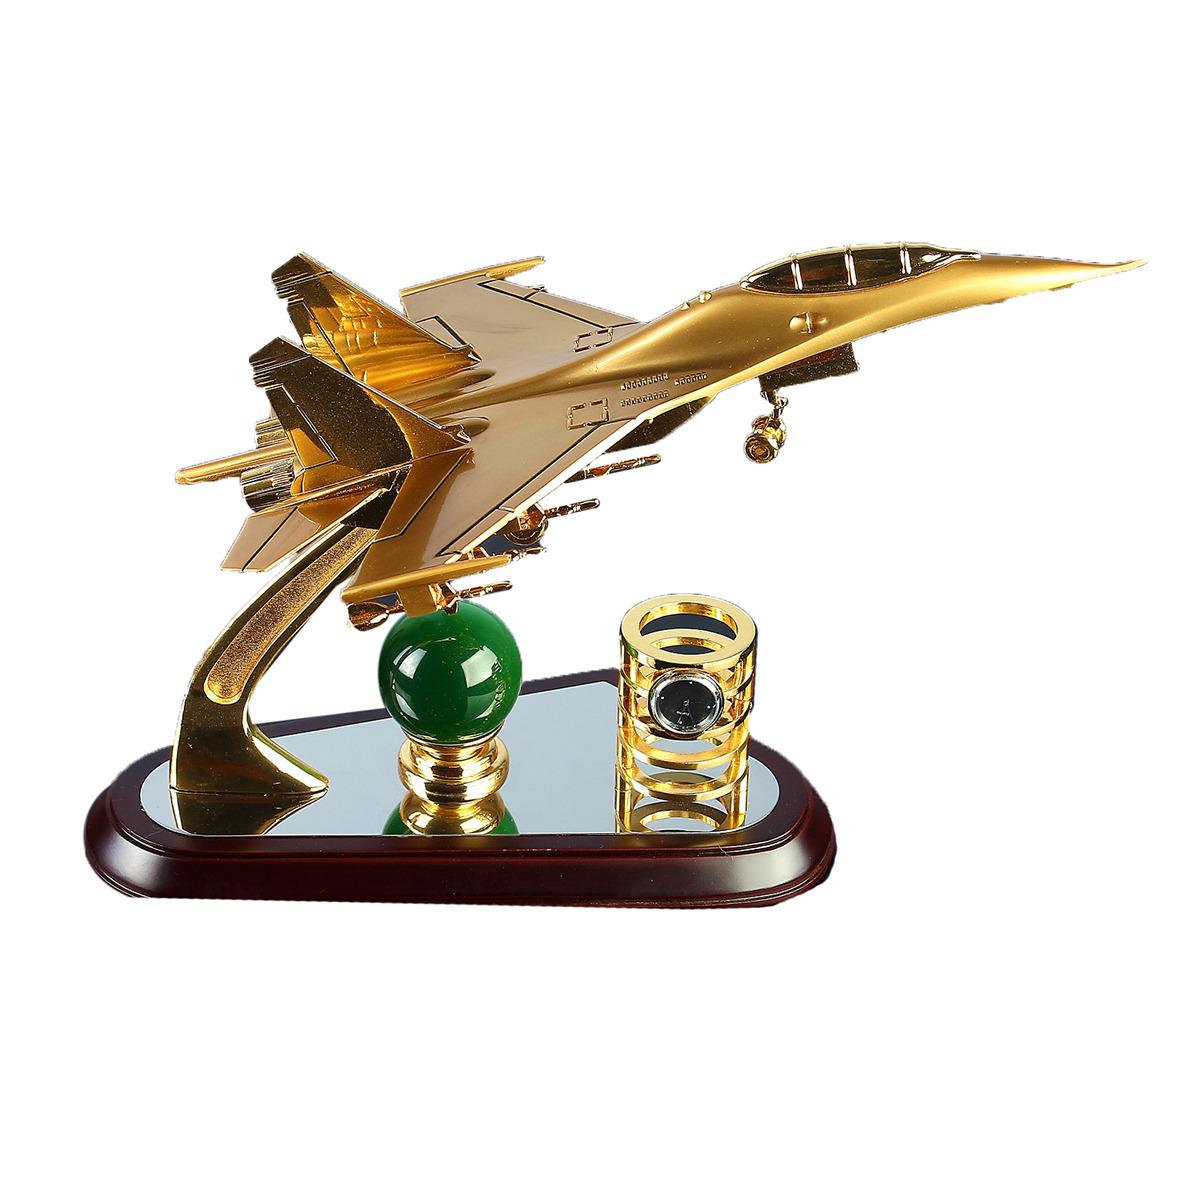 Канцелярский набор Самолет 3 в 1, 4166454, коричневый, 31 х 11 х 21 см